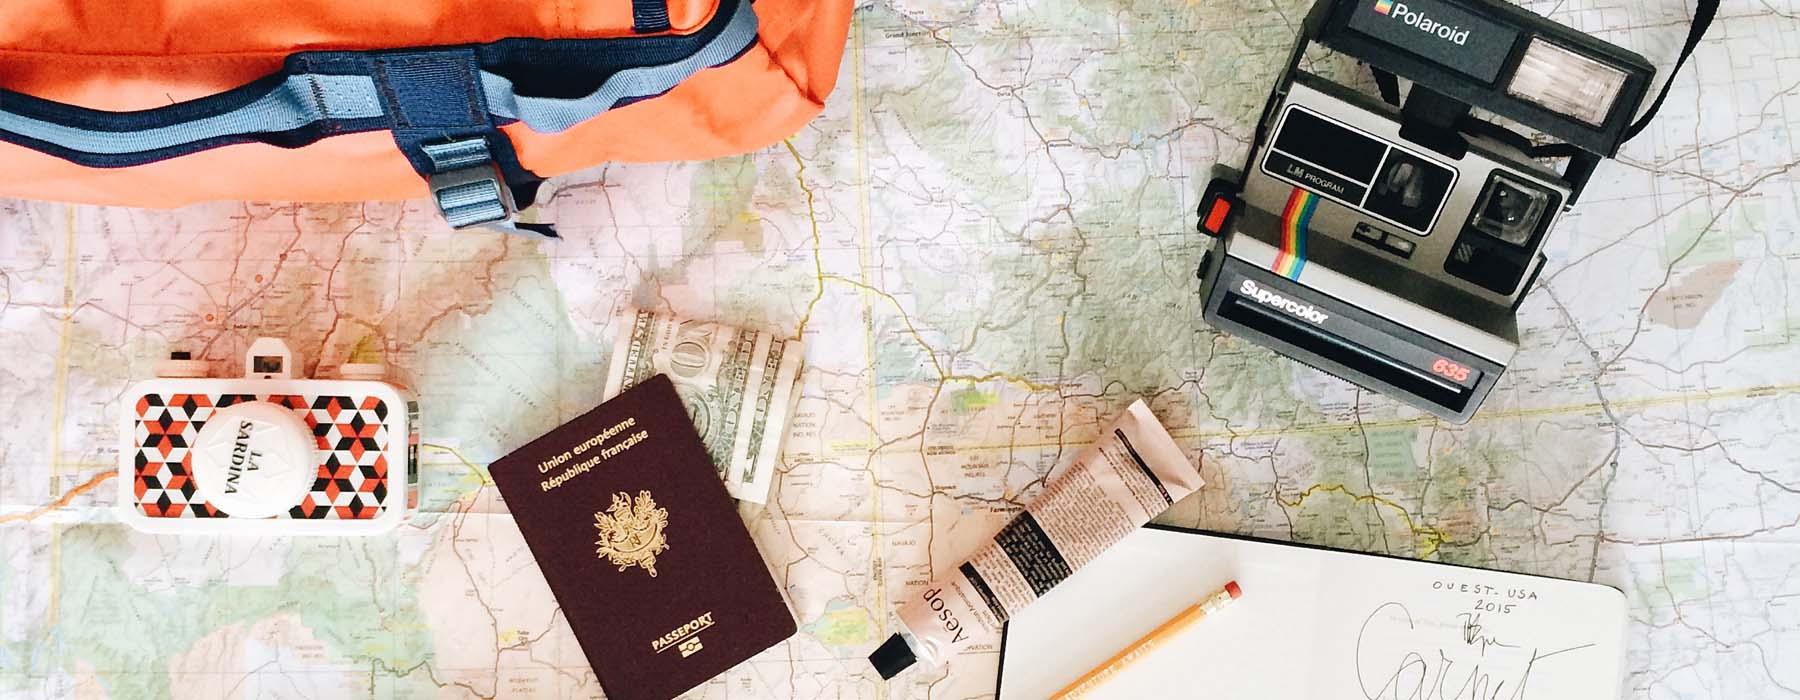 Tourisme et Tour du monde : trouvez un compagnon de voyage